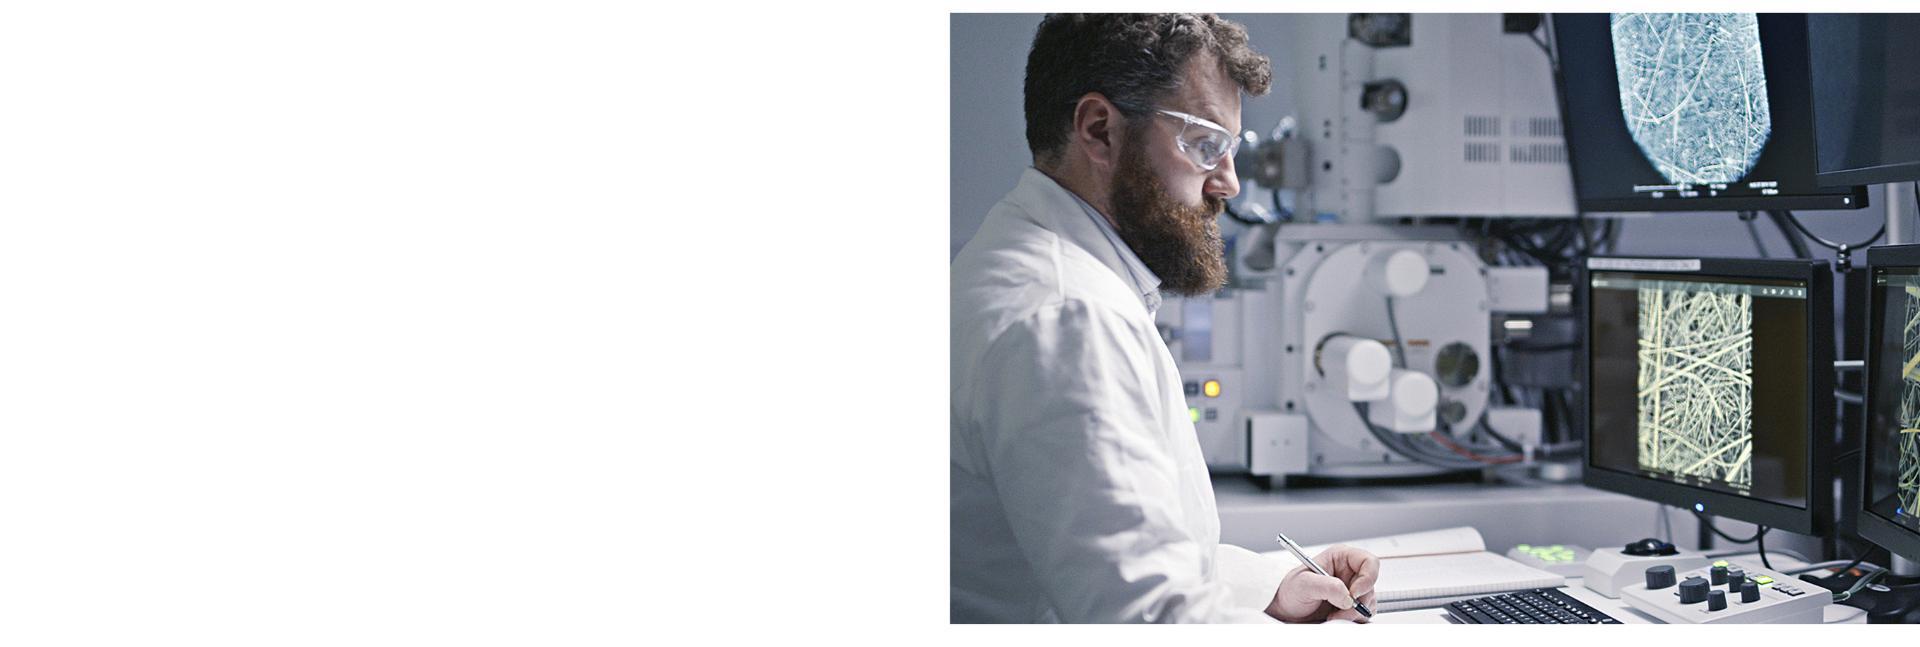 Savanții examinează fibrele pe ecranele computerului